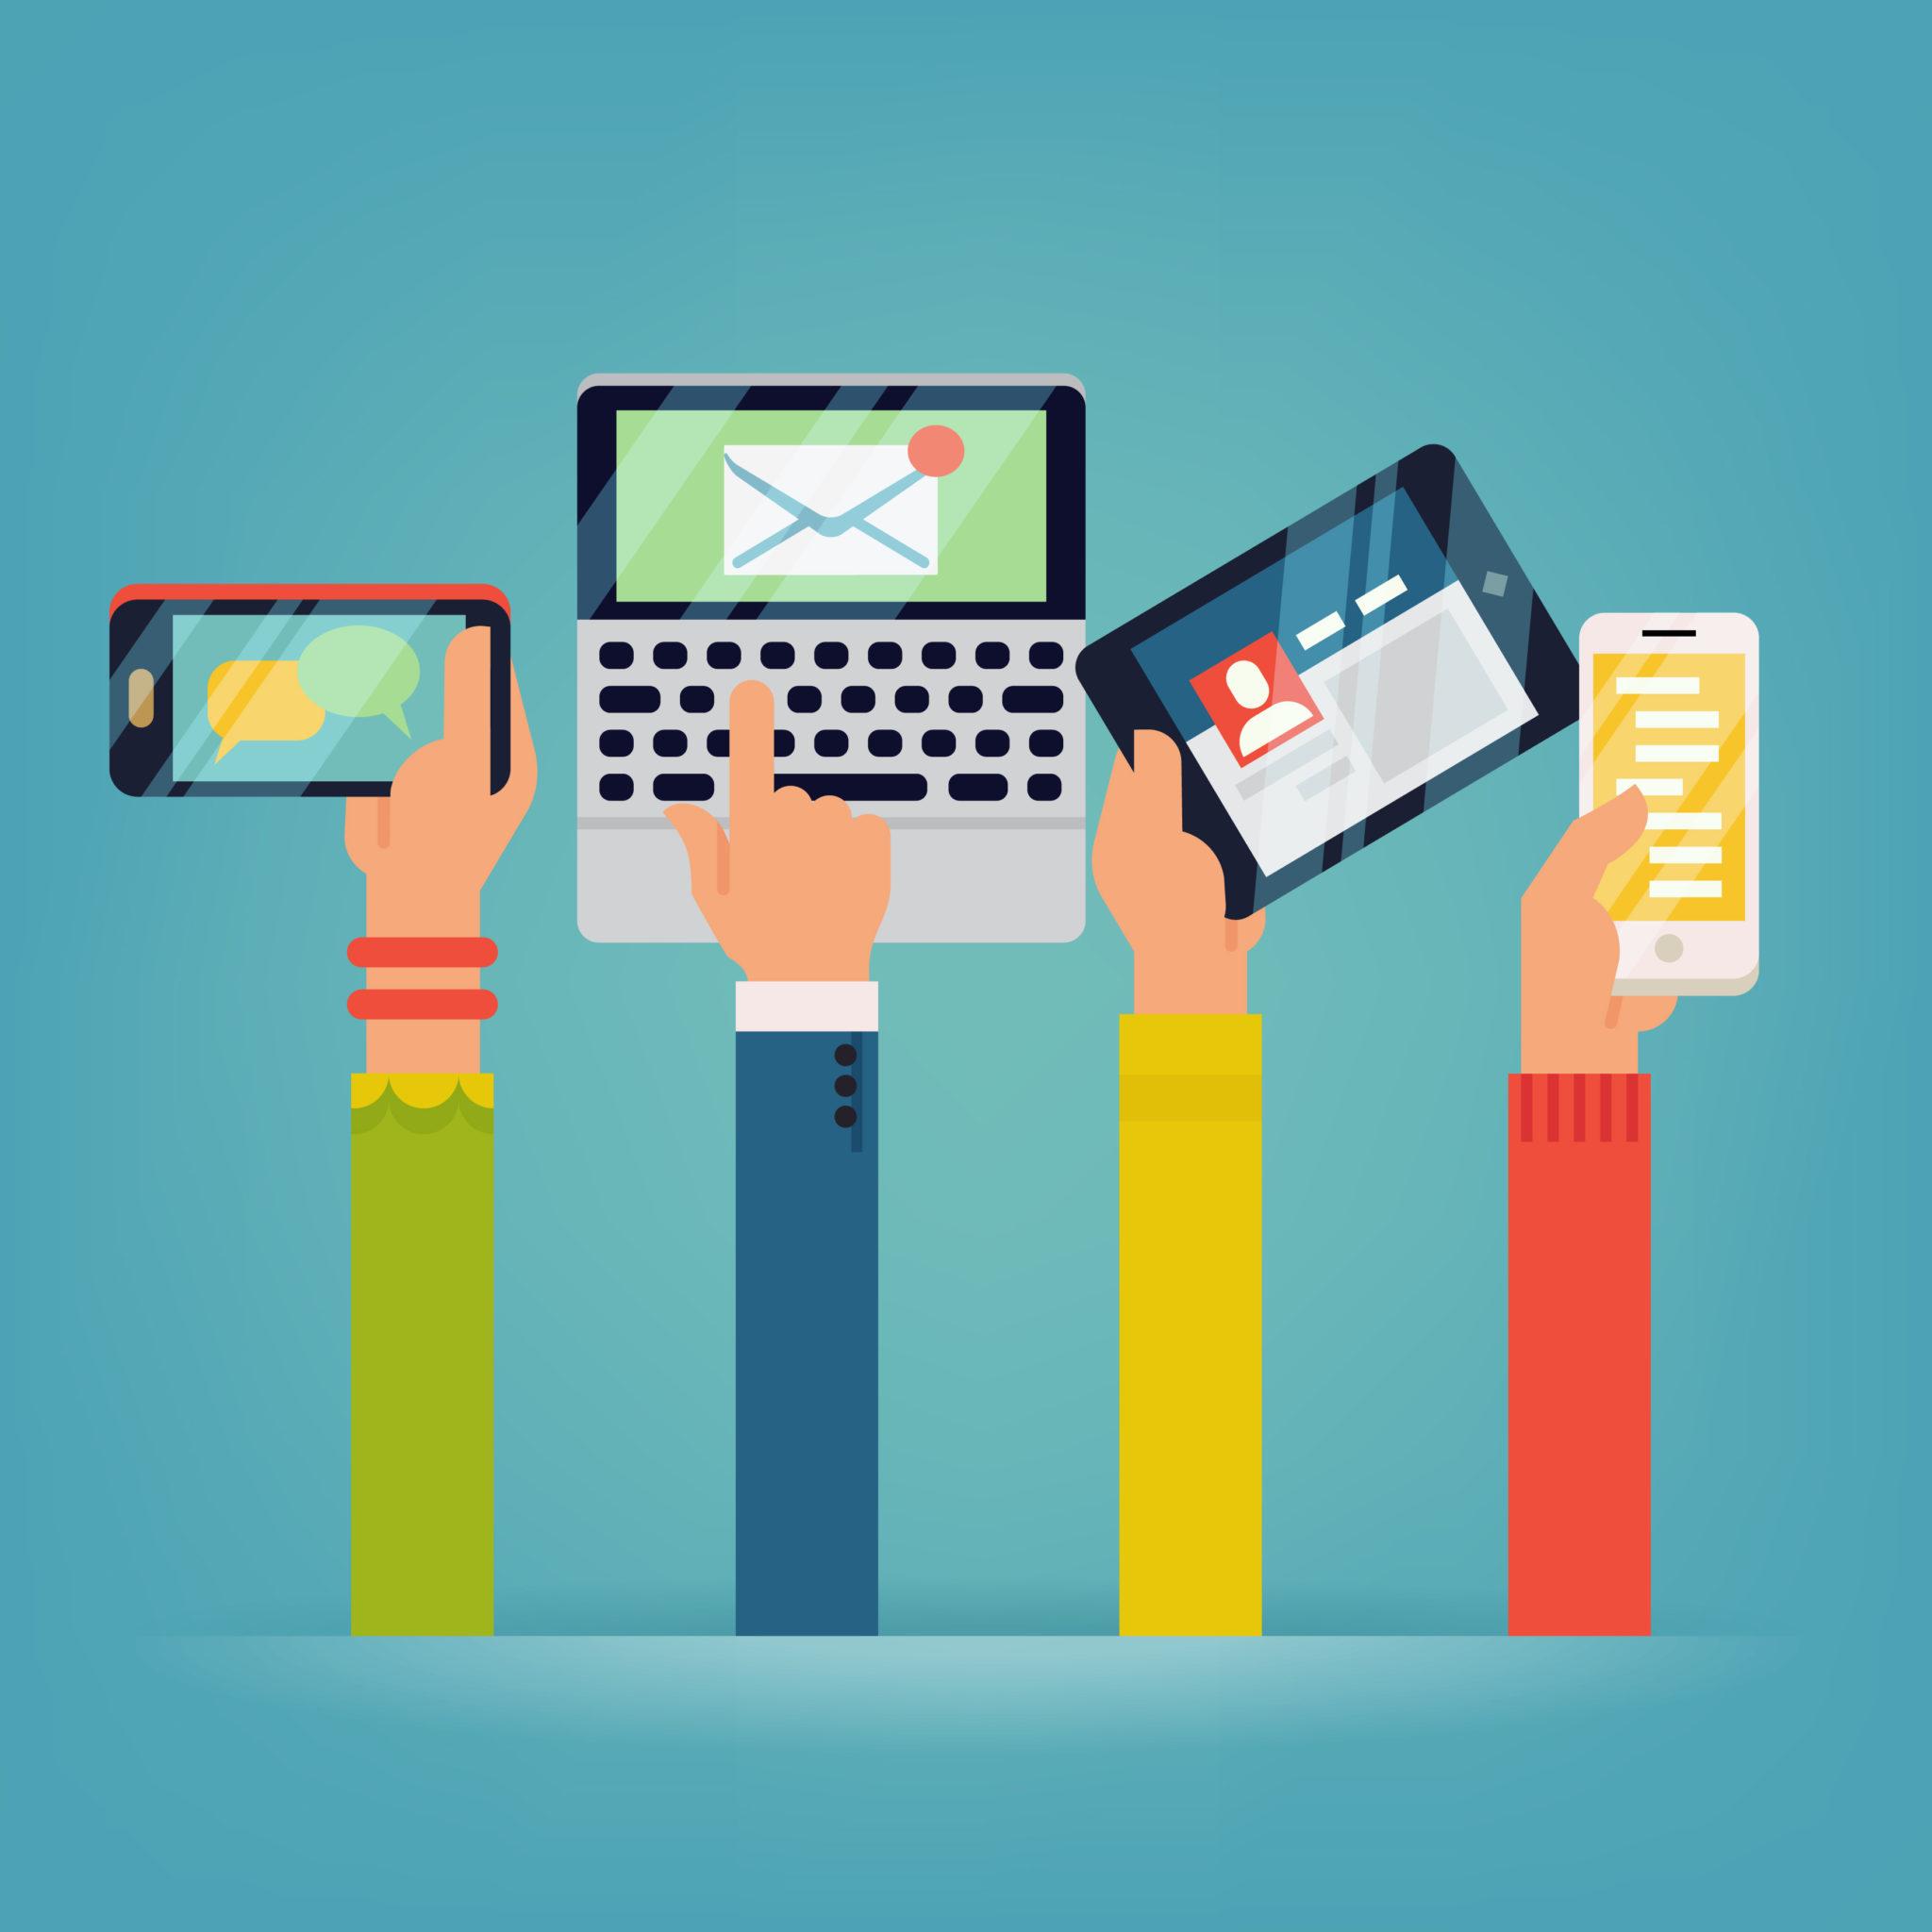 Evaluating Online Information